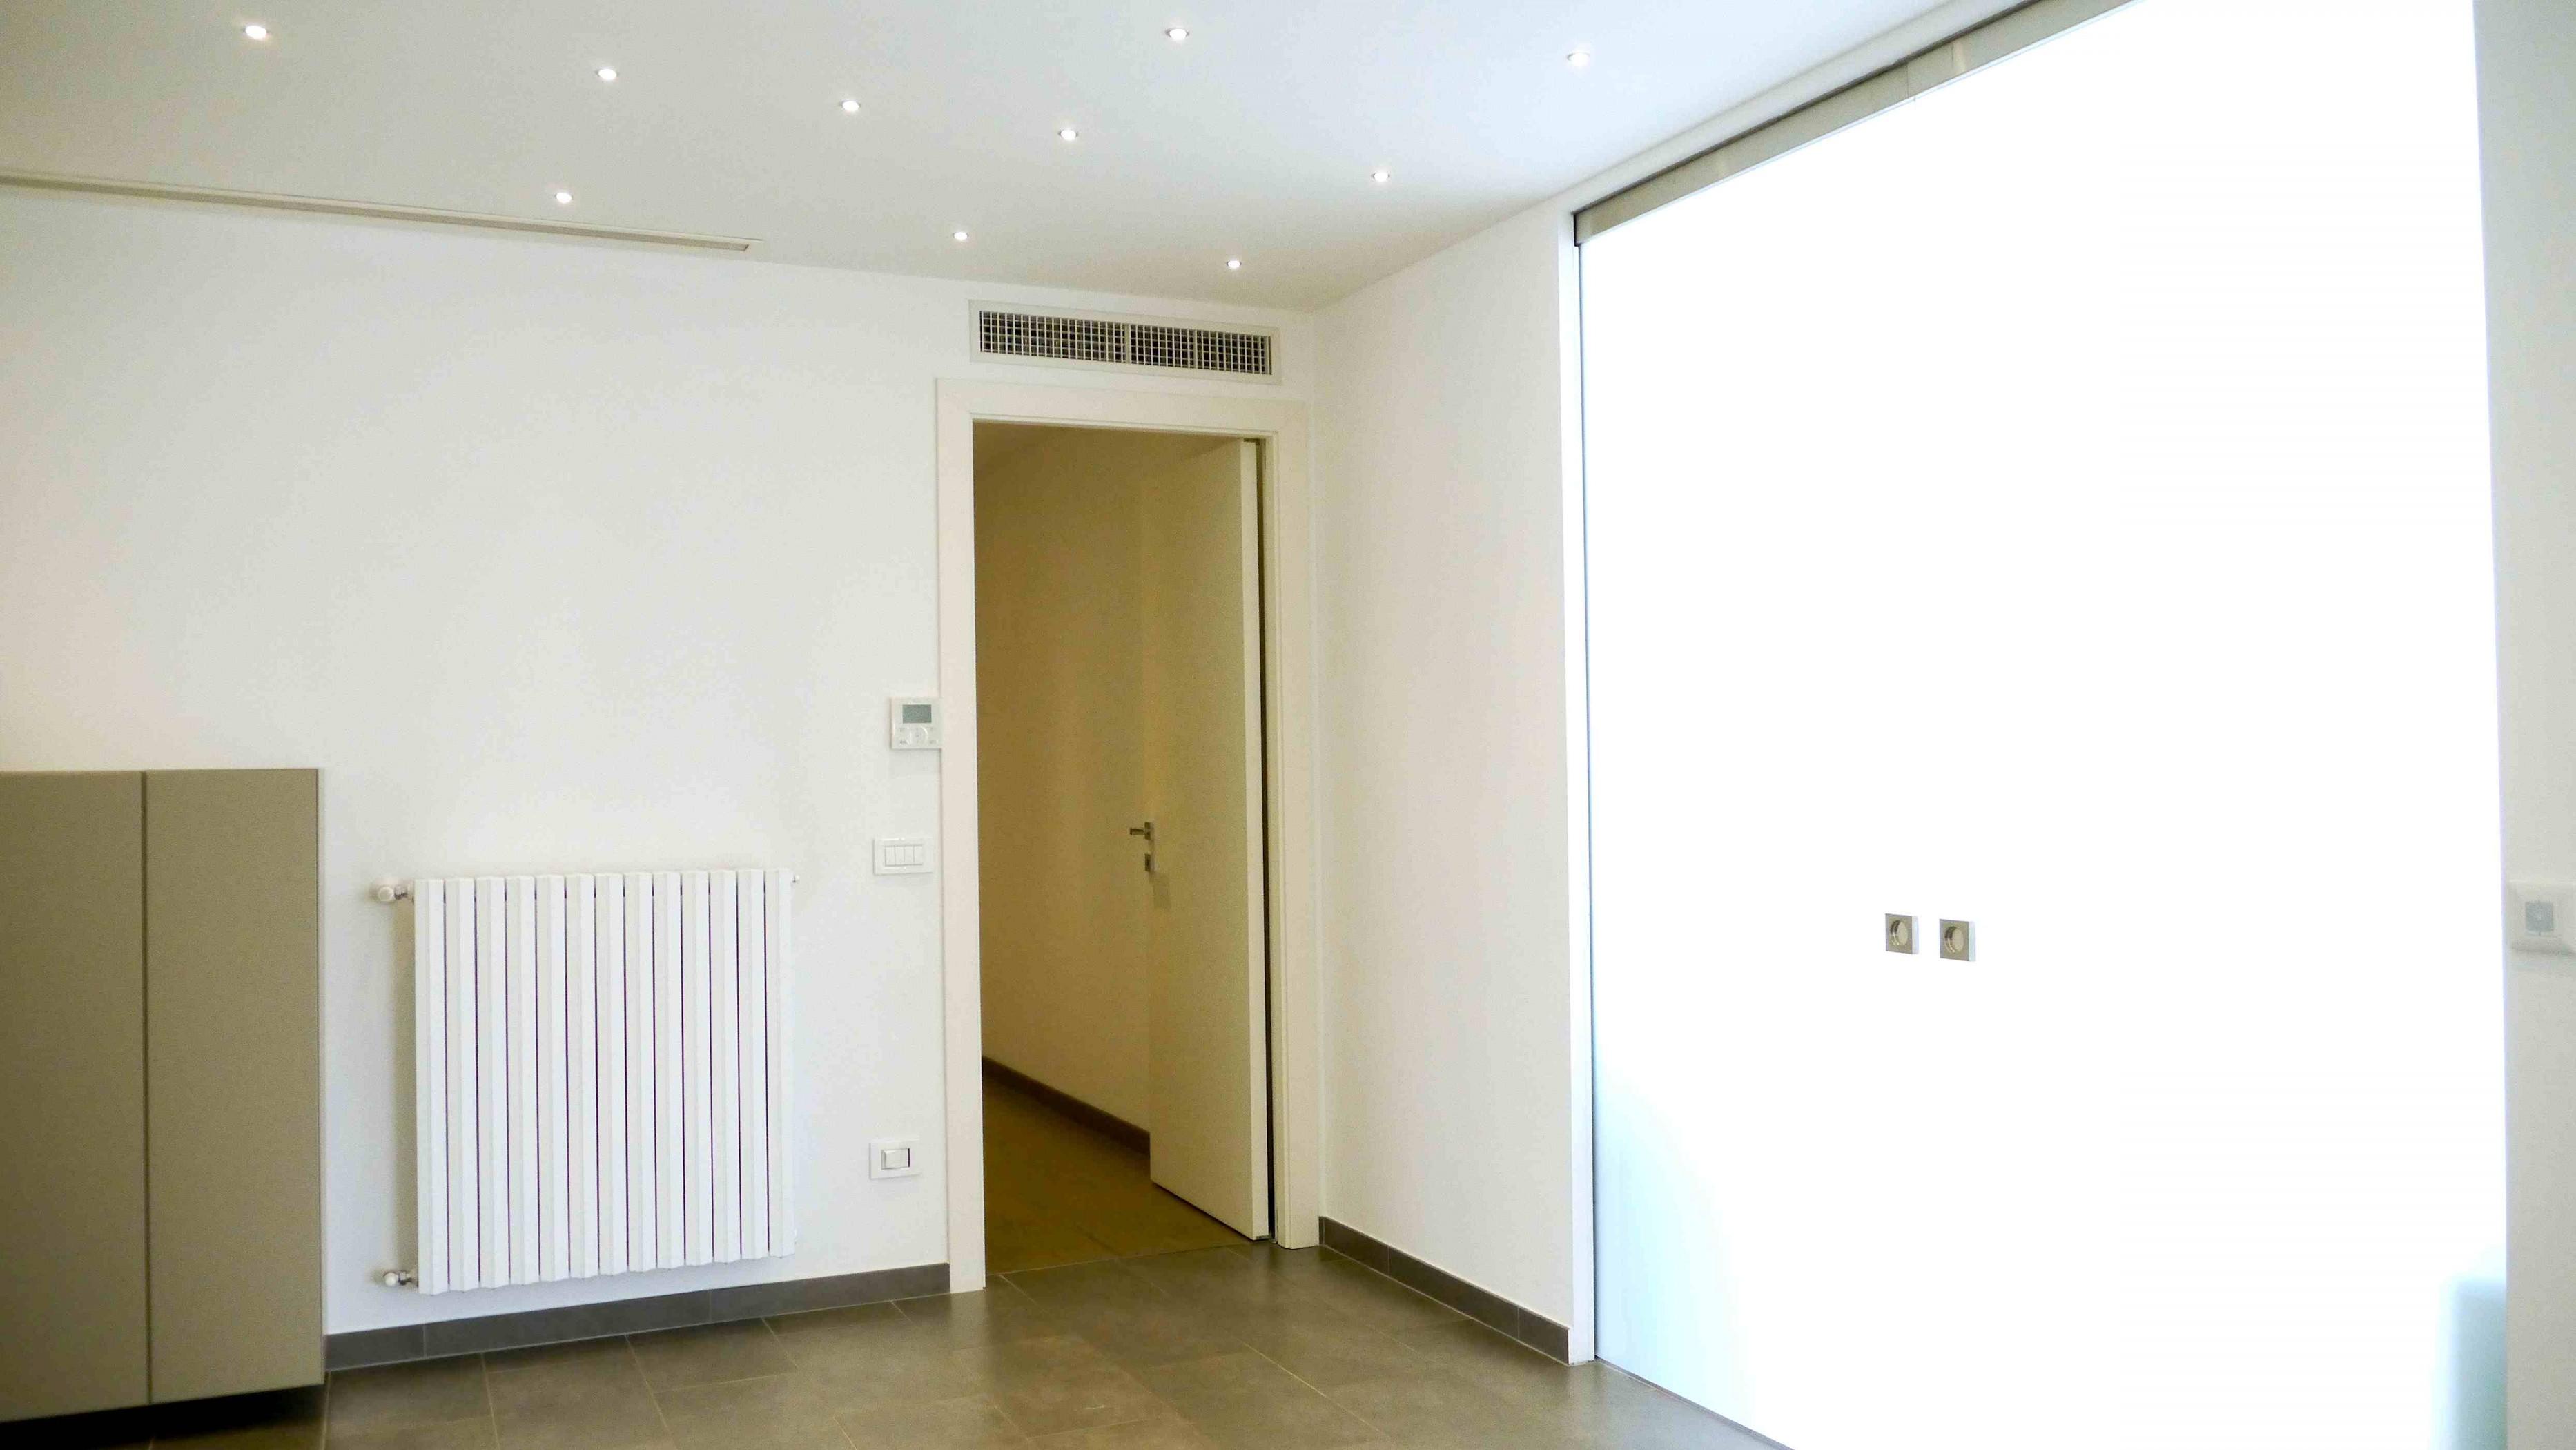 Sito Residenziale 53